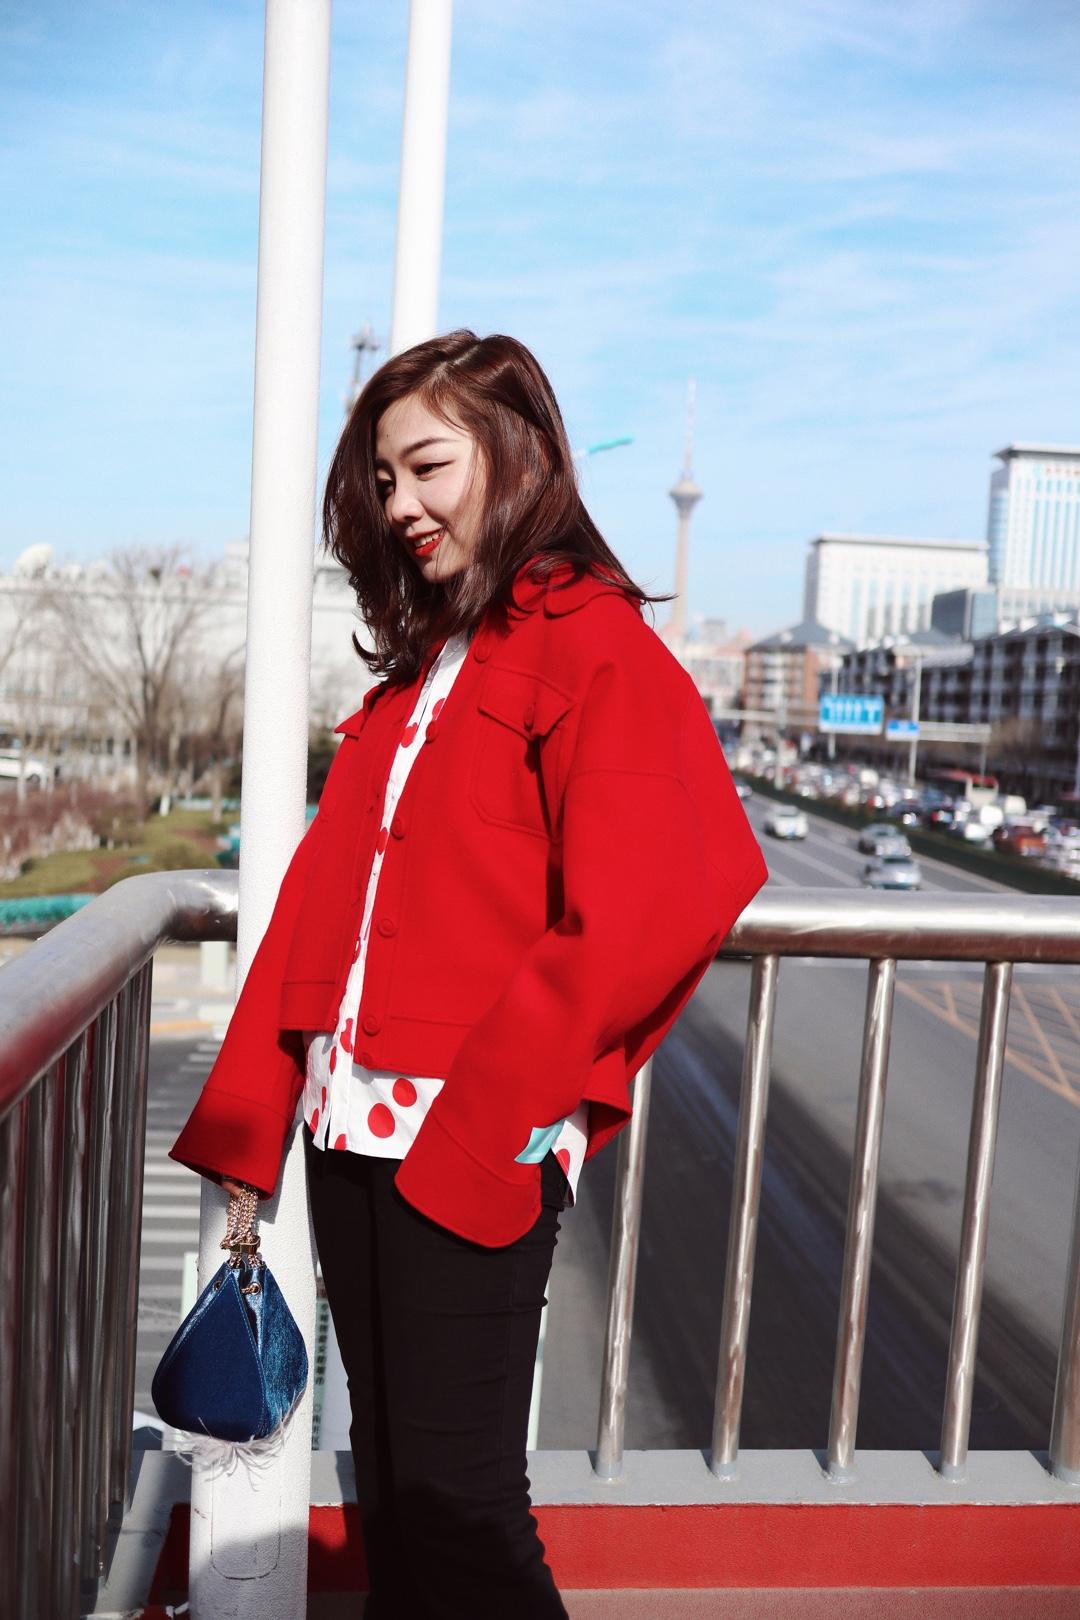 #分享一波春日少女穿搭# 红色短款外套+波点衬衣打造春日少女感!黑色阔腿裤+短靴轻松增加整体look的时髦感哦!